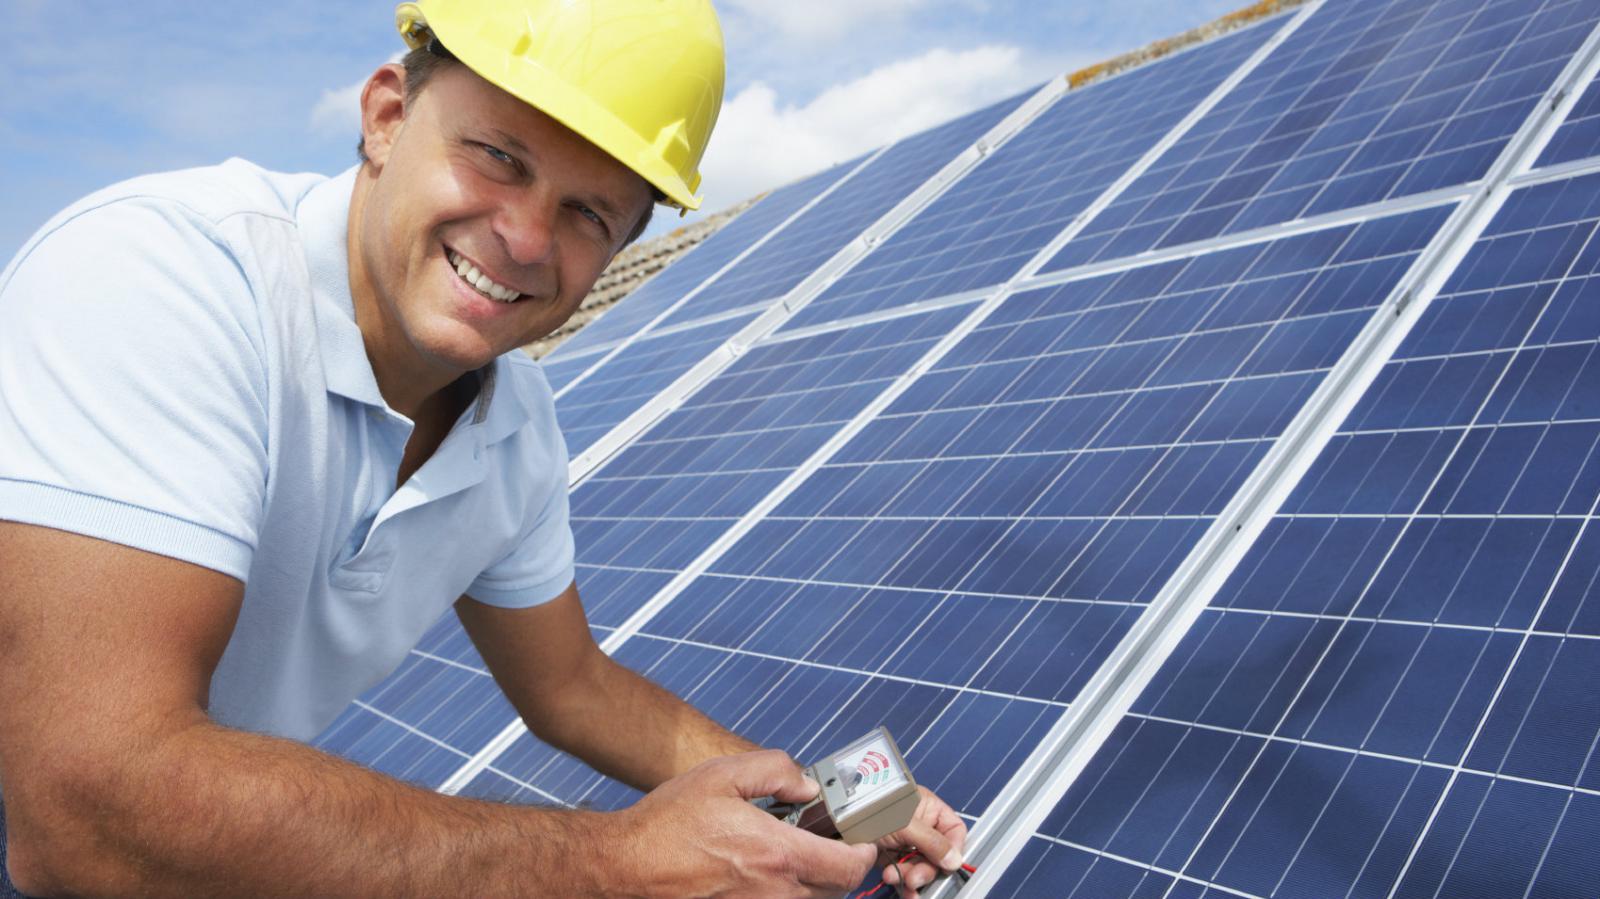 Πώς μπορώ να συνδέσω ηλιακά πάνελ στο σπίτι μου site γνωριμιών για τον θάνατο